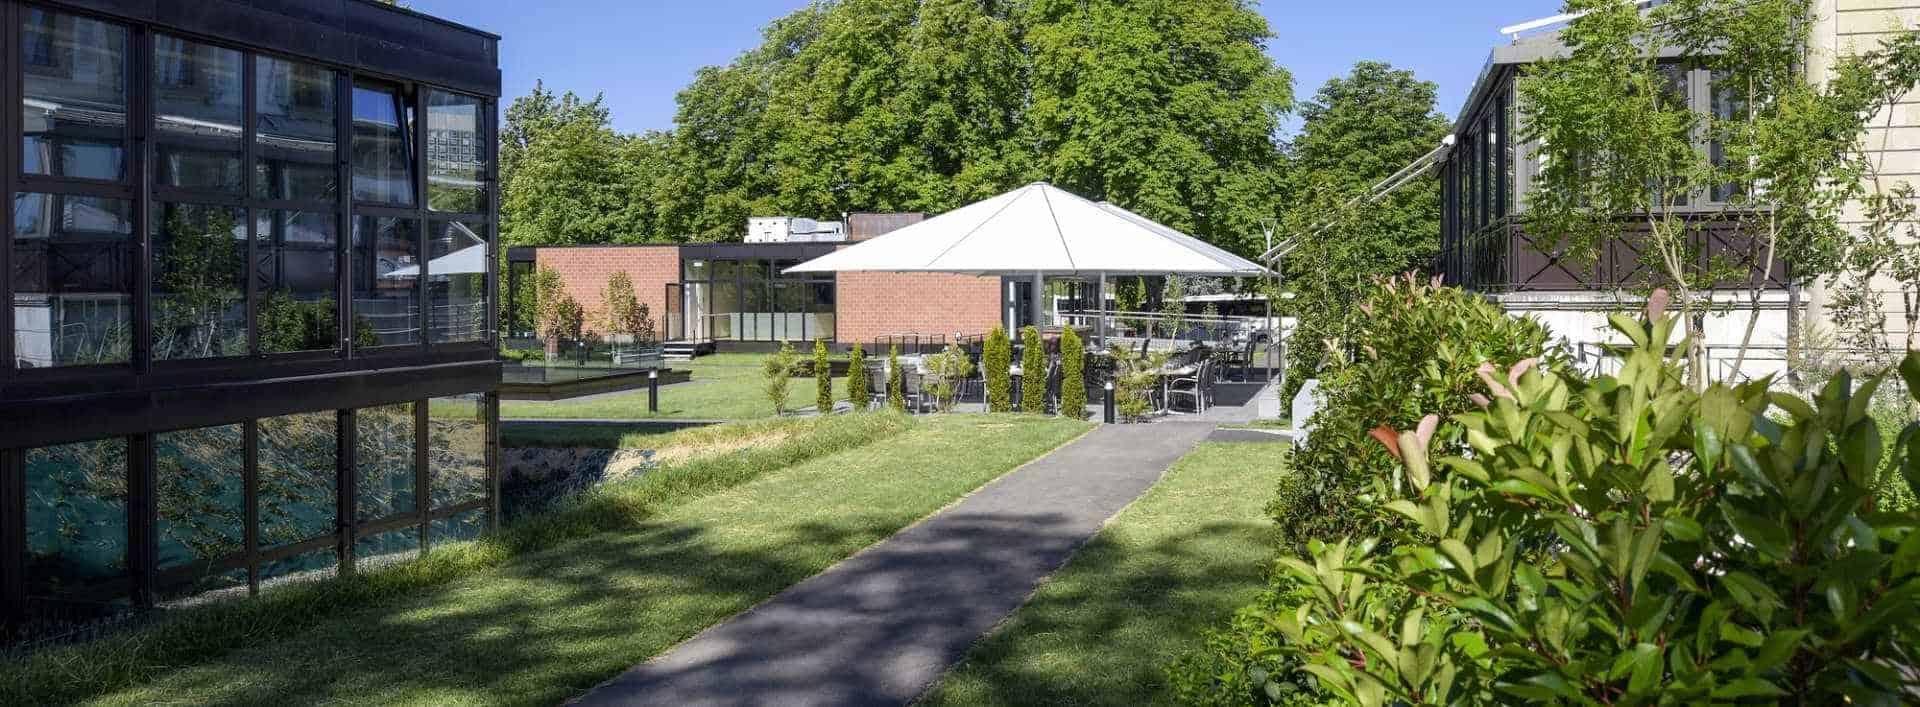 Services aux Etudiants L'Ecole Hôteliere de Genève vous propose des services et des logements | Service aux etudiants